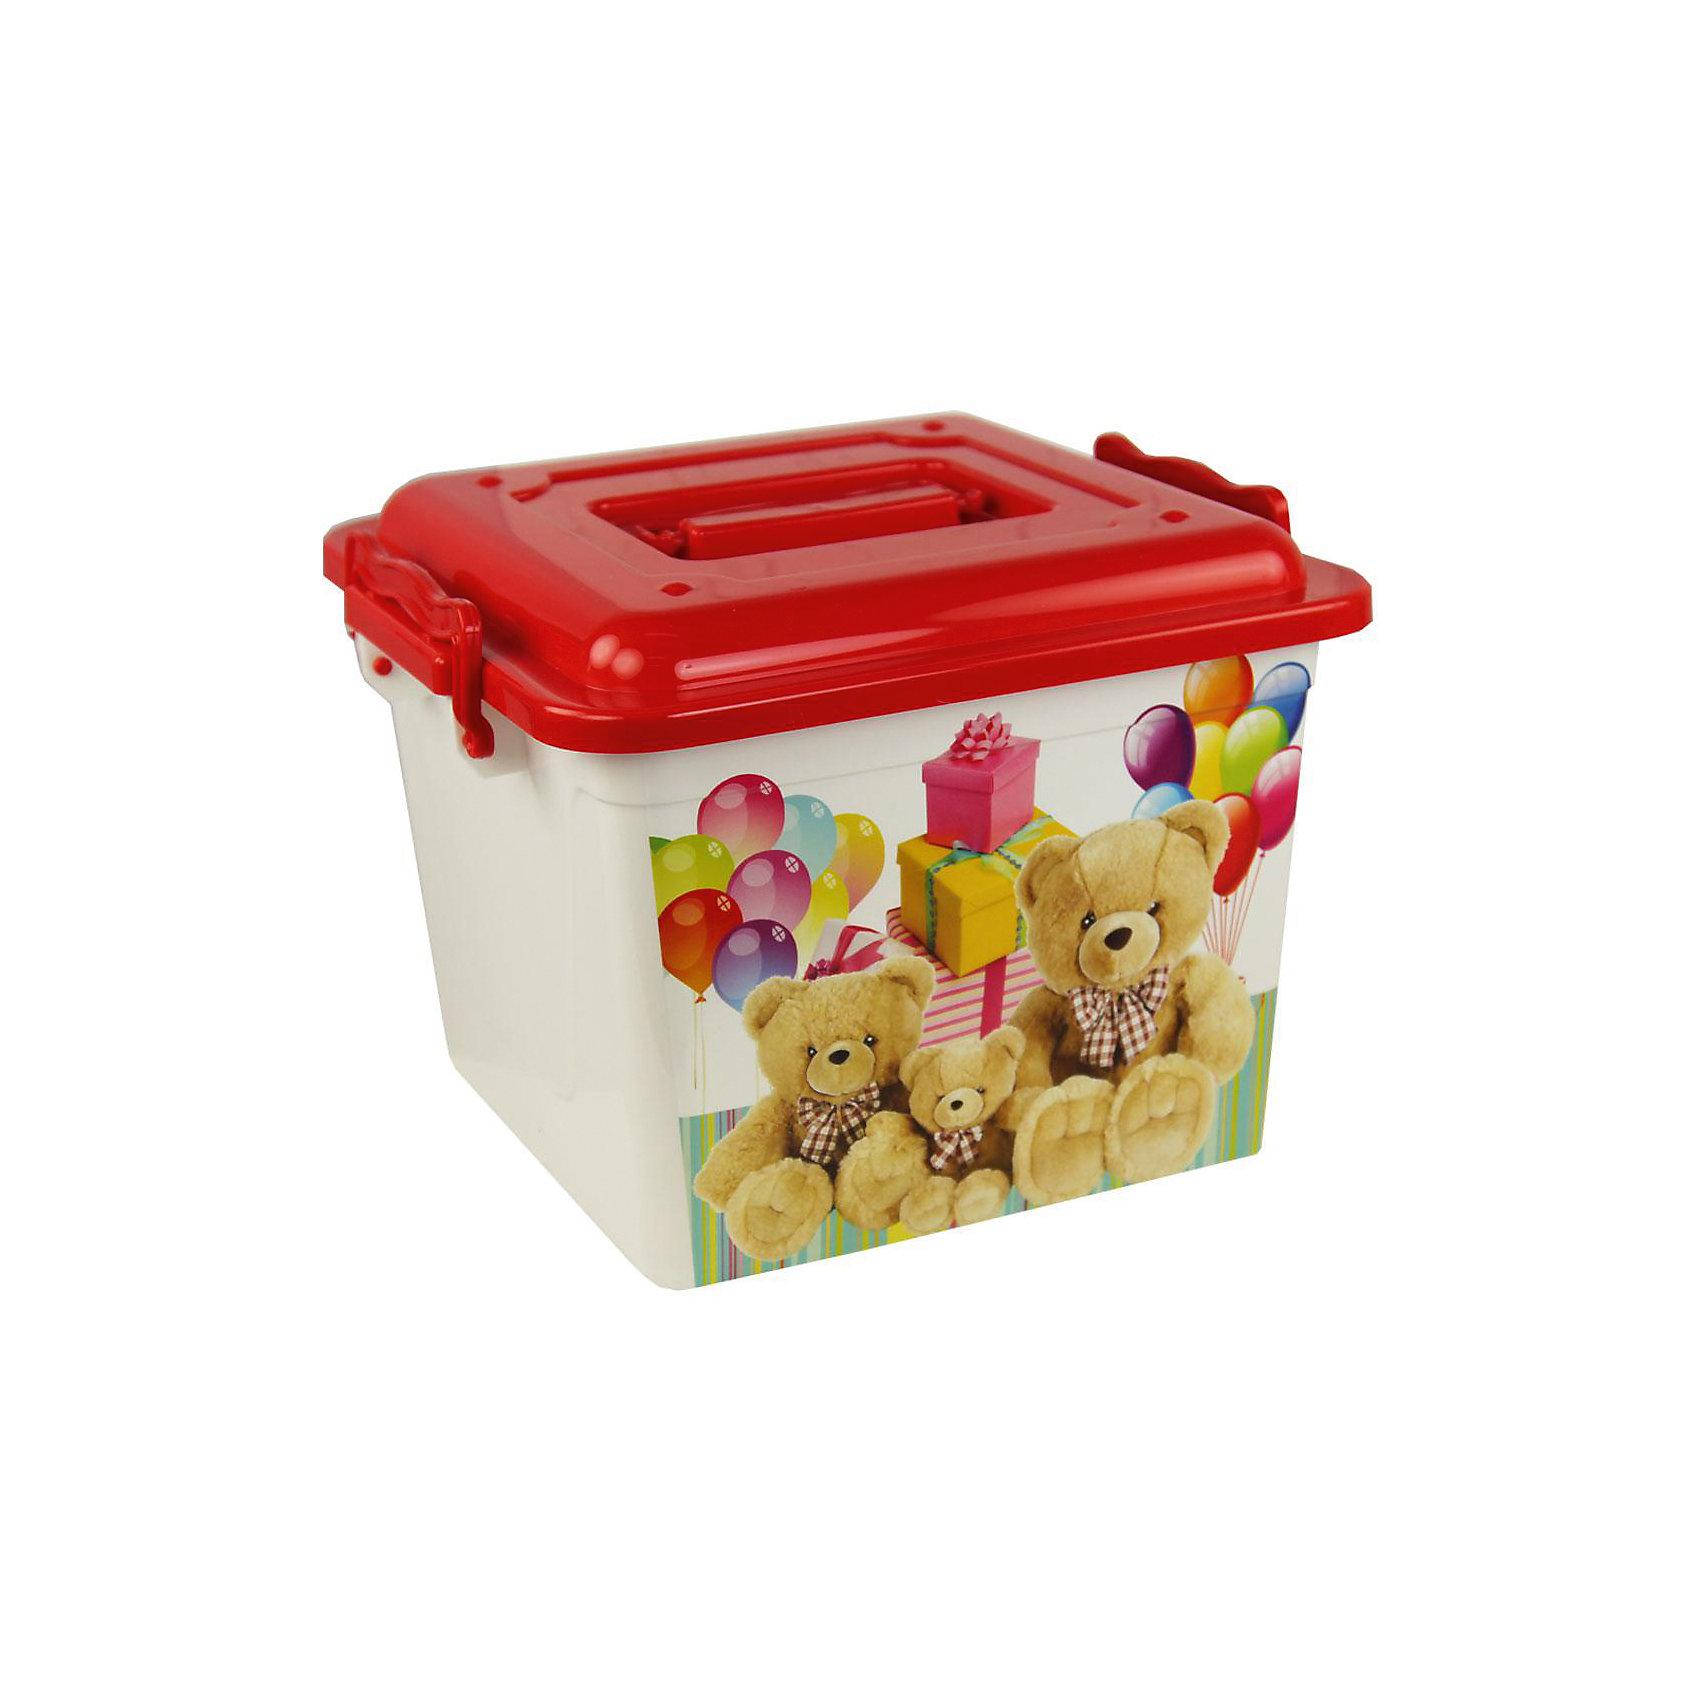 Контейнер Мишки универсальный 8,5л. ,  AlternativaУниверсальный контейнер Мишки очень вместительный и удобный в использовании. В нем можно хранить детские игрушки или приятные мелочи. Контейнер закрывается крышкой и закрепляется боковыми ручками. Верхнюю ручку можно использовать для переноски. Спереди контейнер украшен очаровательными медвежатами.<br><br>Дополнительная информация:<br>Материал: пластик<br>Объем: 8,5 л<br>Размер: 26х26х20 см<br><br>Контейнер Мишки можно купить в нашем интернет-магазине.<br><br>Ширина мм: 260<br>Глубина мм: 260<br>Высота мм: 200<br>Вес г: 415<br>Возраст от месяцев: 36<br>Возраст до месяцев: 144<br>Пол: Унисекс<br>Возраст: Детский<br>SKU: 4979717